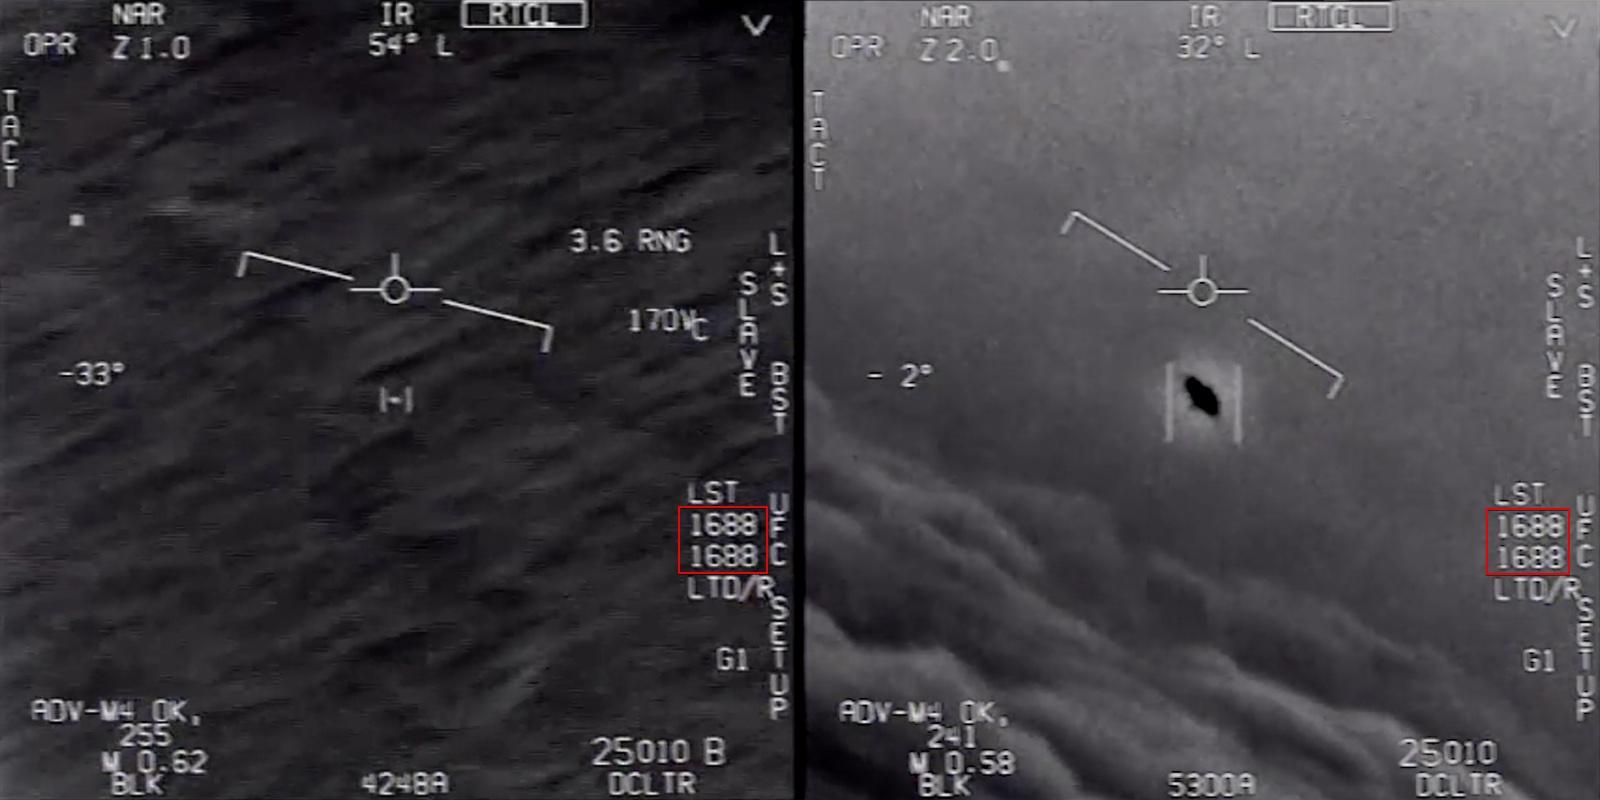 ВМС США подтвердили подлинность видео с неопознанным летающим объектом